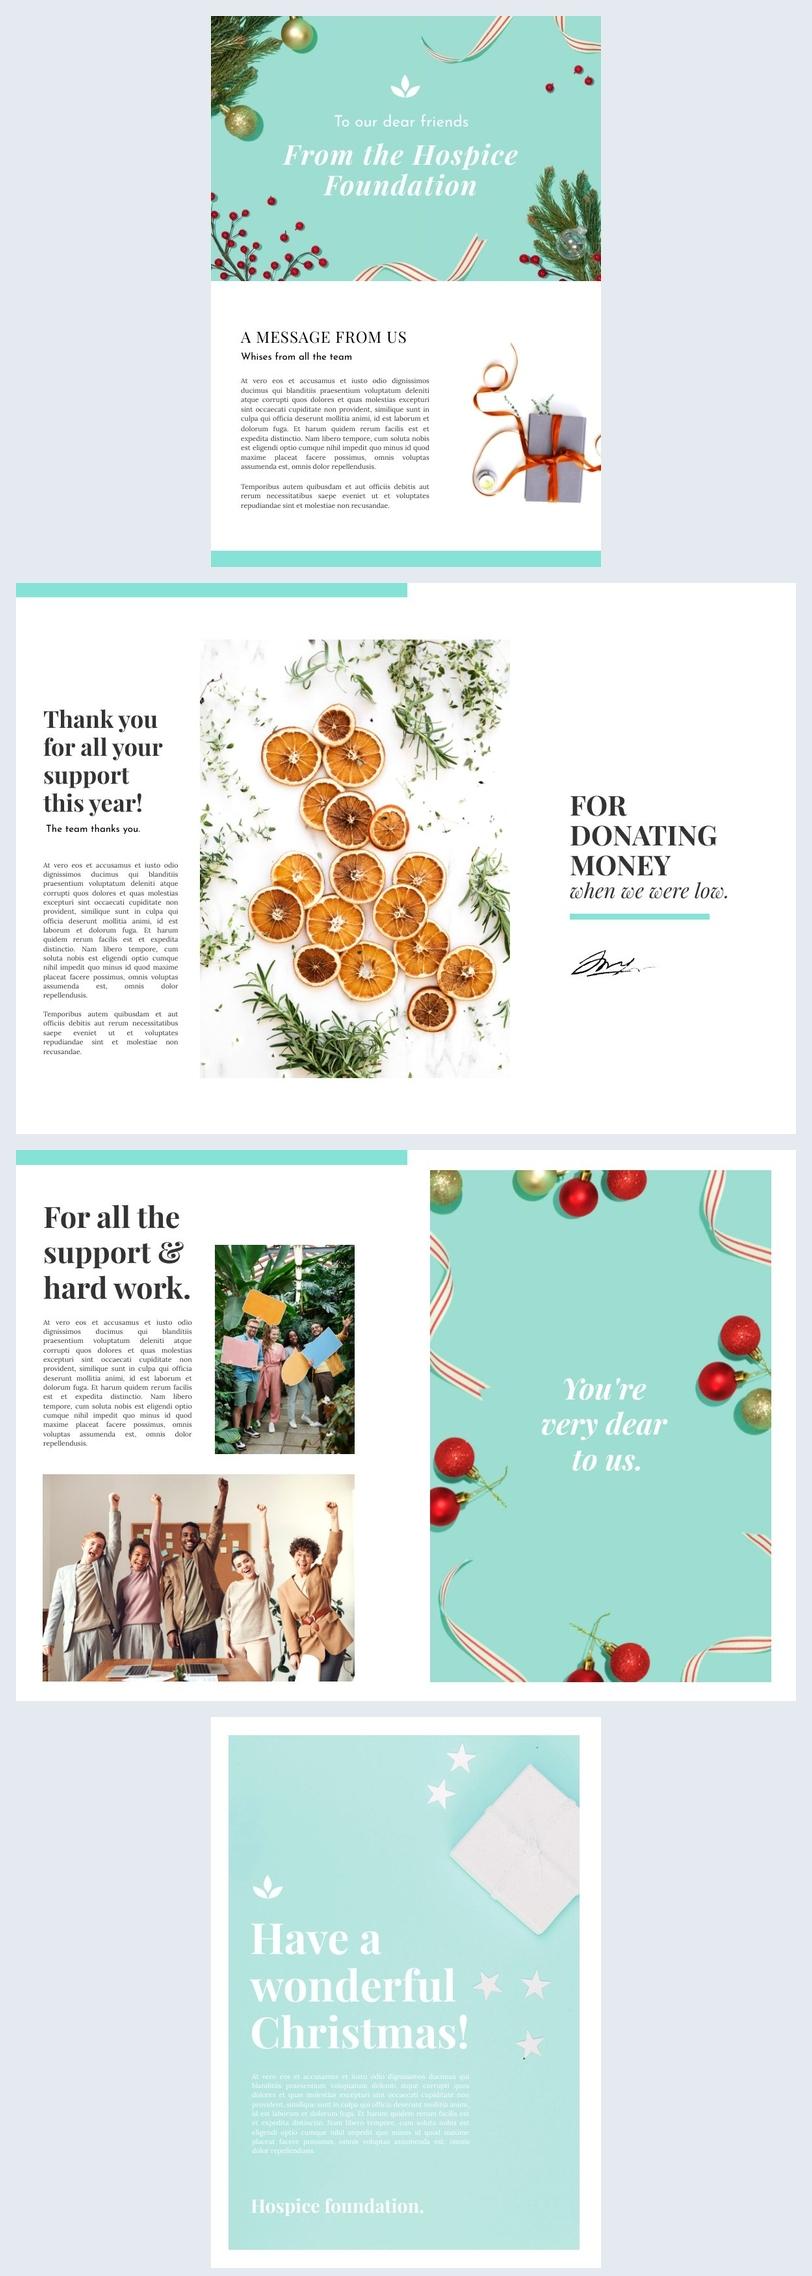 Design de newsletter de Noël professionnelle créative